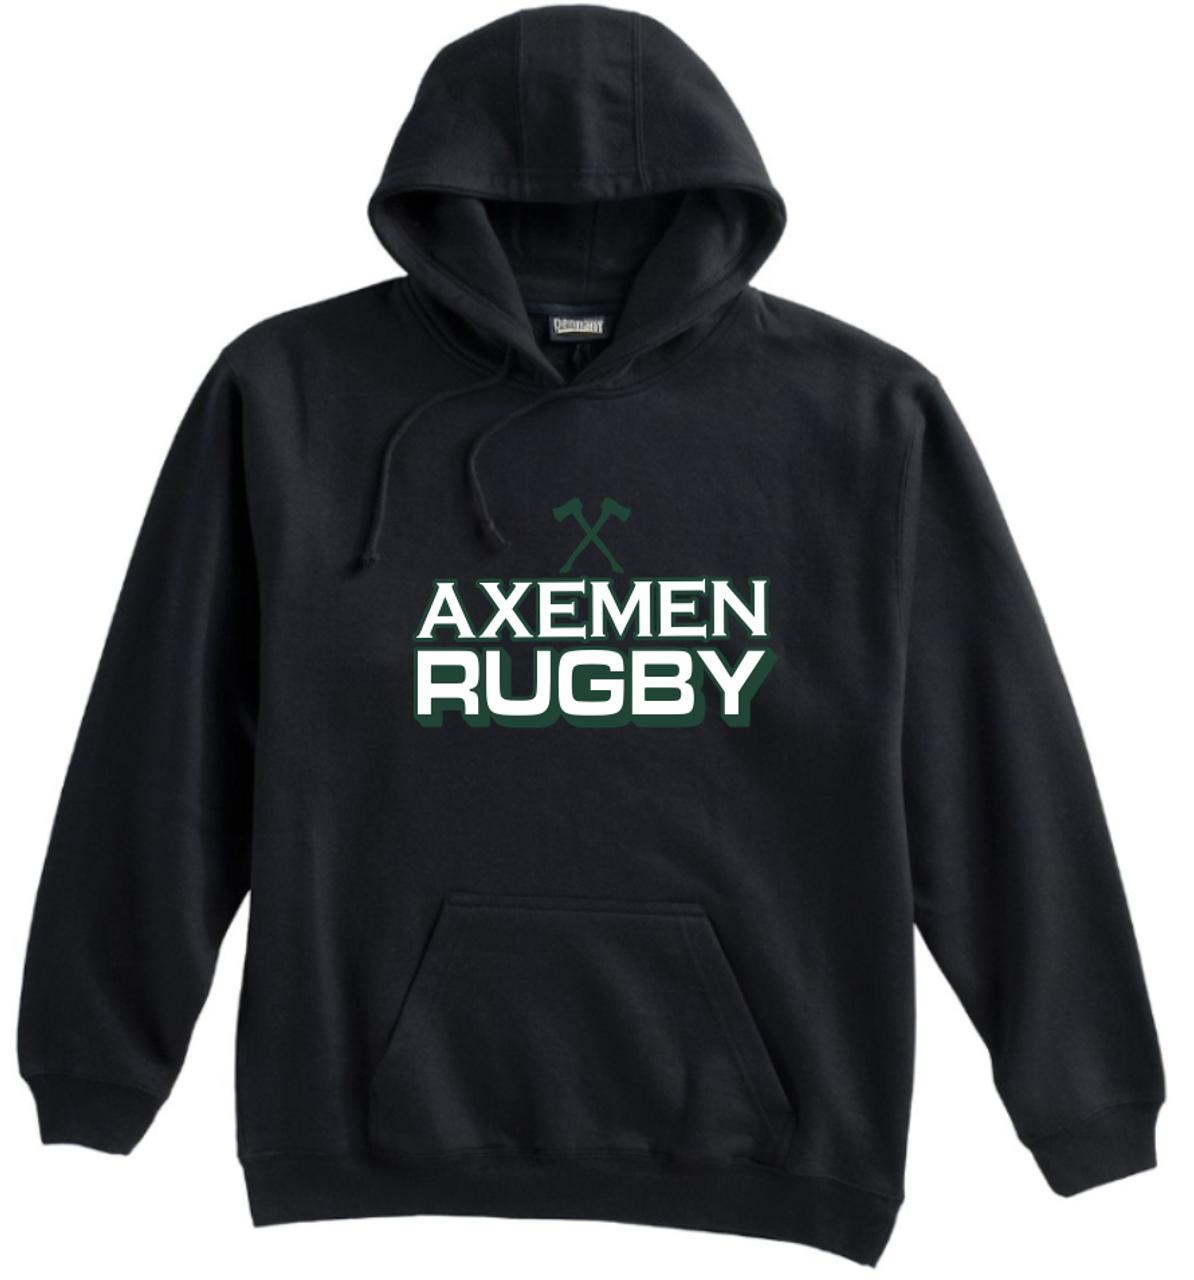 Axemen Rugby Hoodie, Black